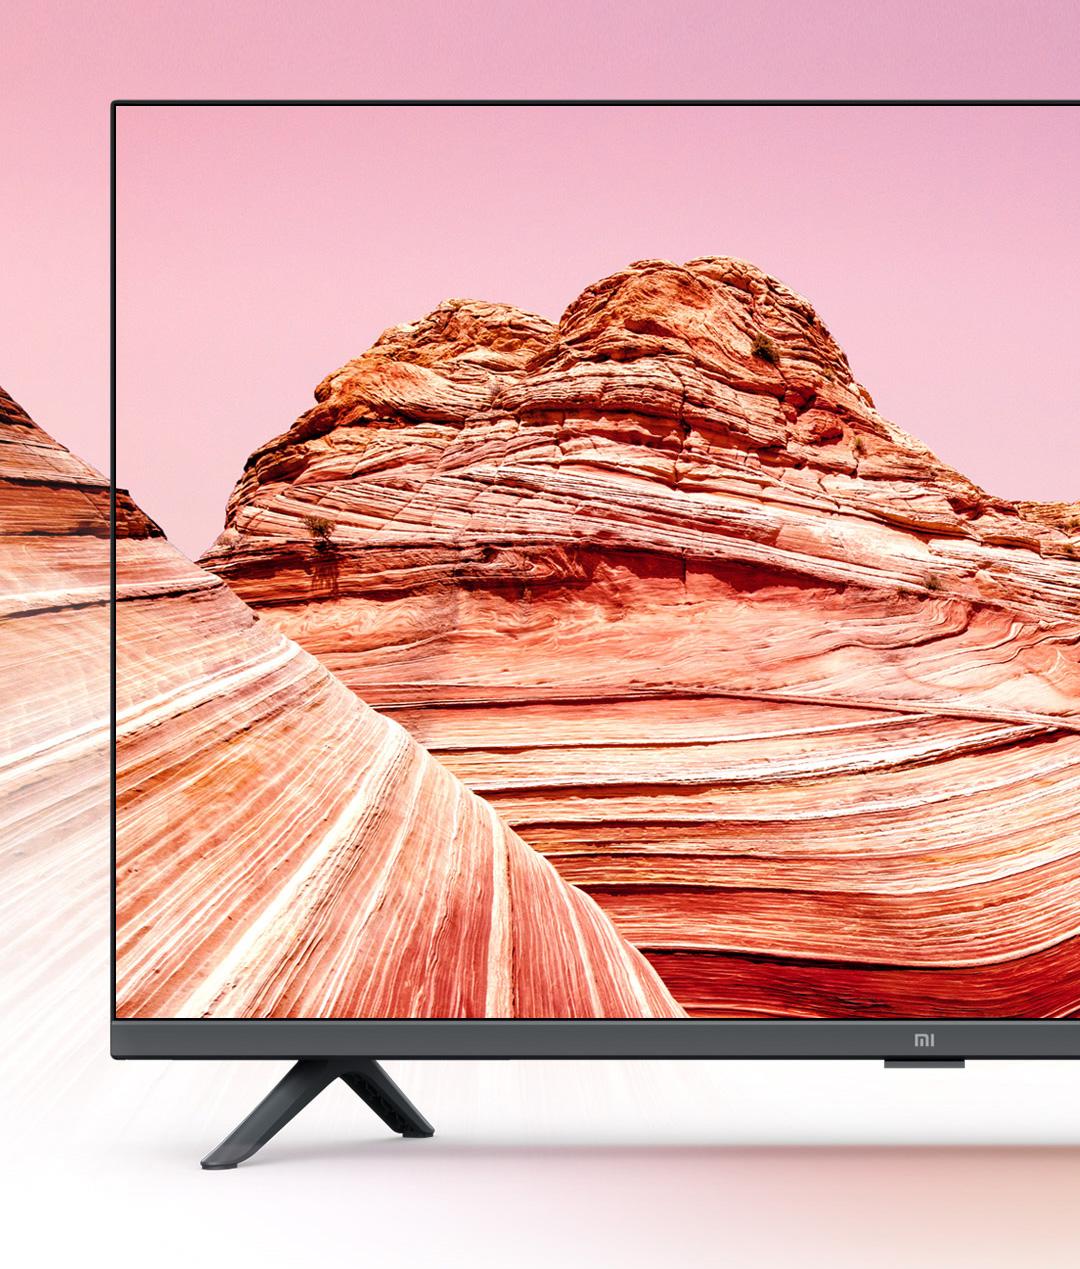 Xiaomi TV 32Inch E32C